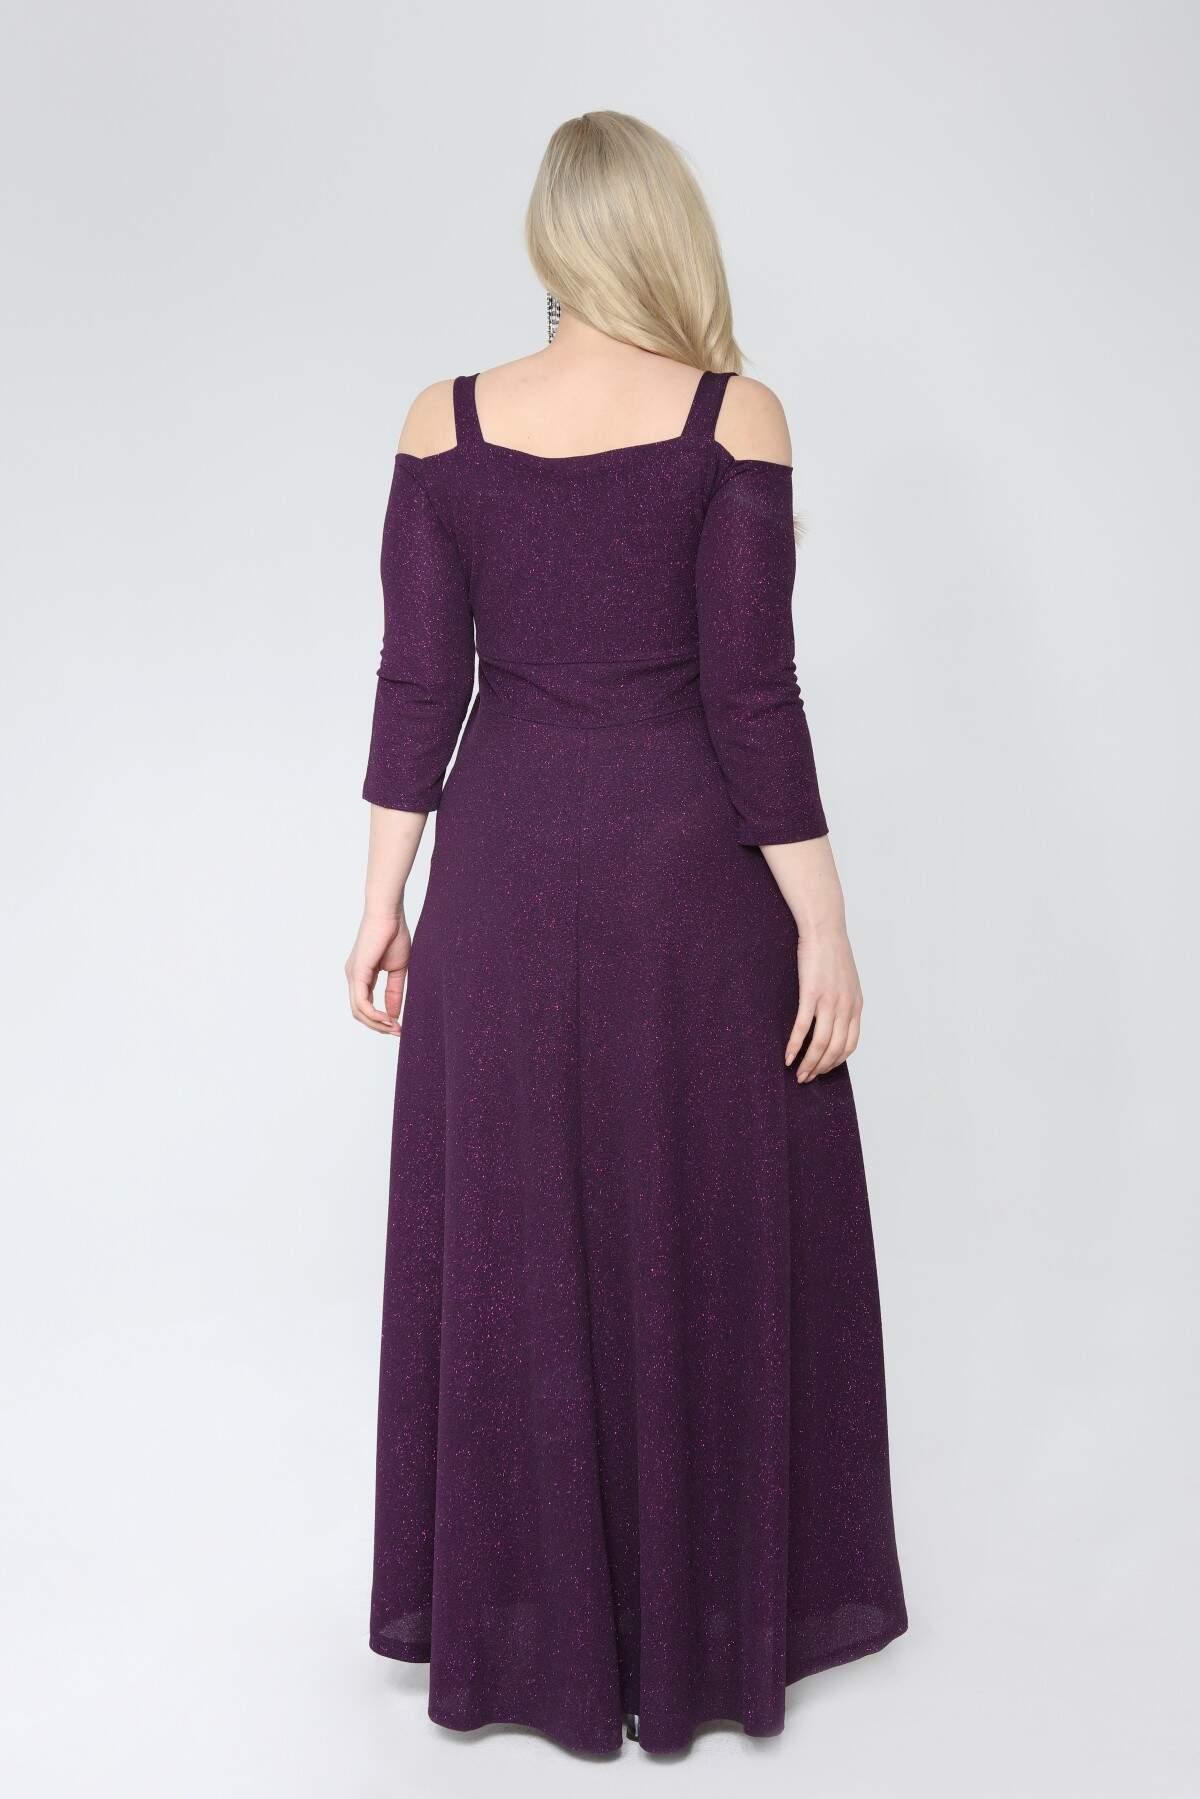 Angelino Büyük Beden Esnek Omuzlar Askılı Uzun Simli Abiye Elbise 9005